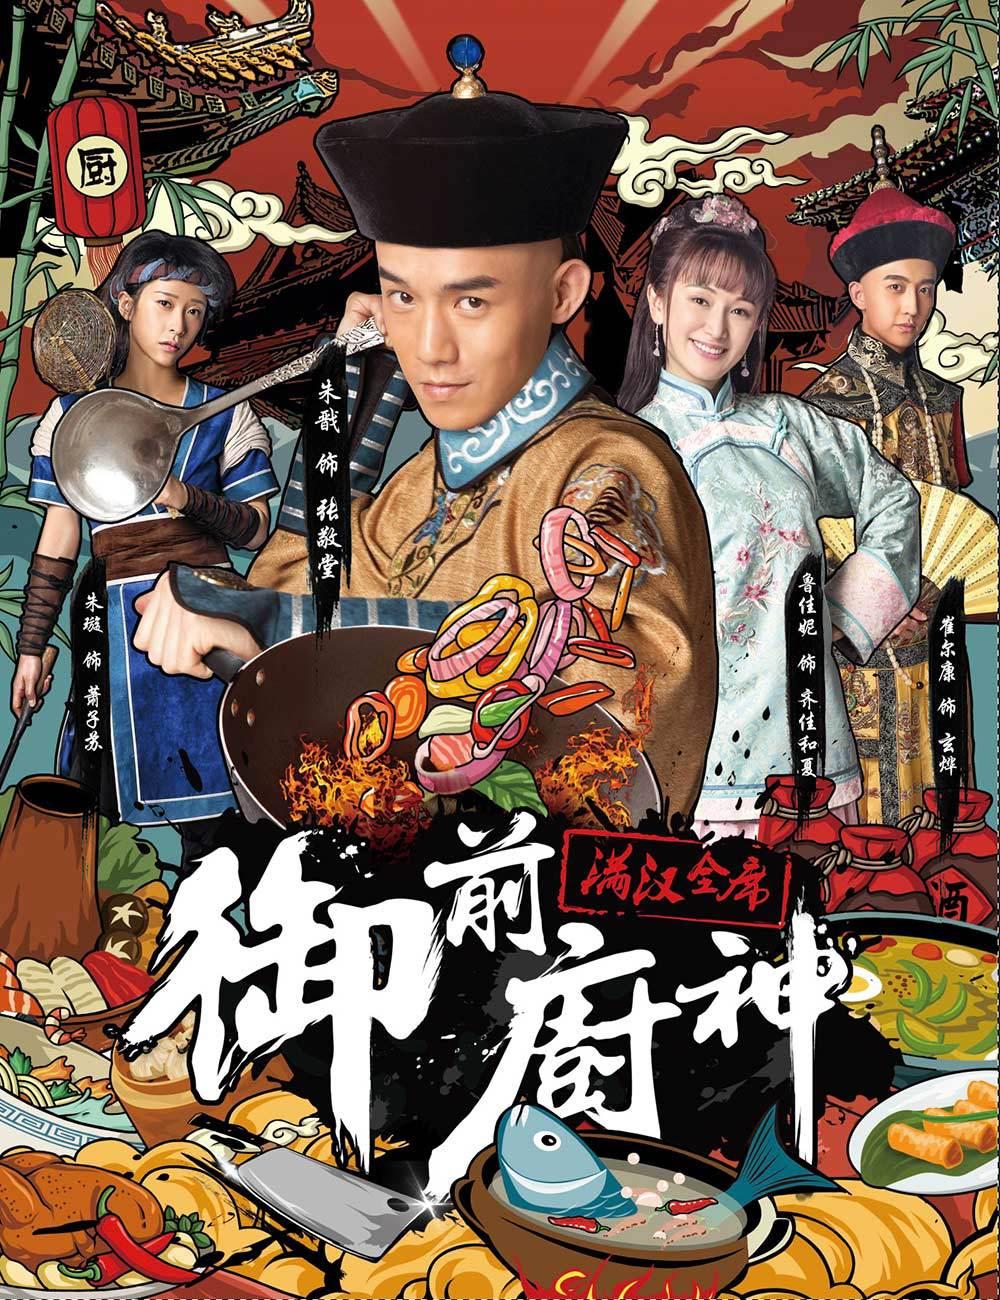 朱戬新戏《御前厨神》